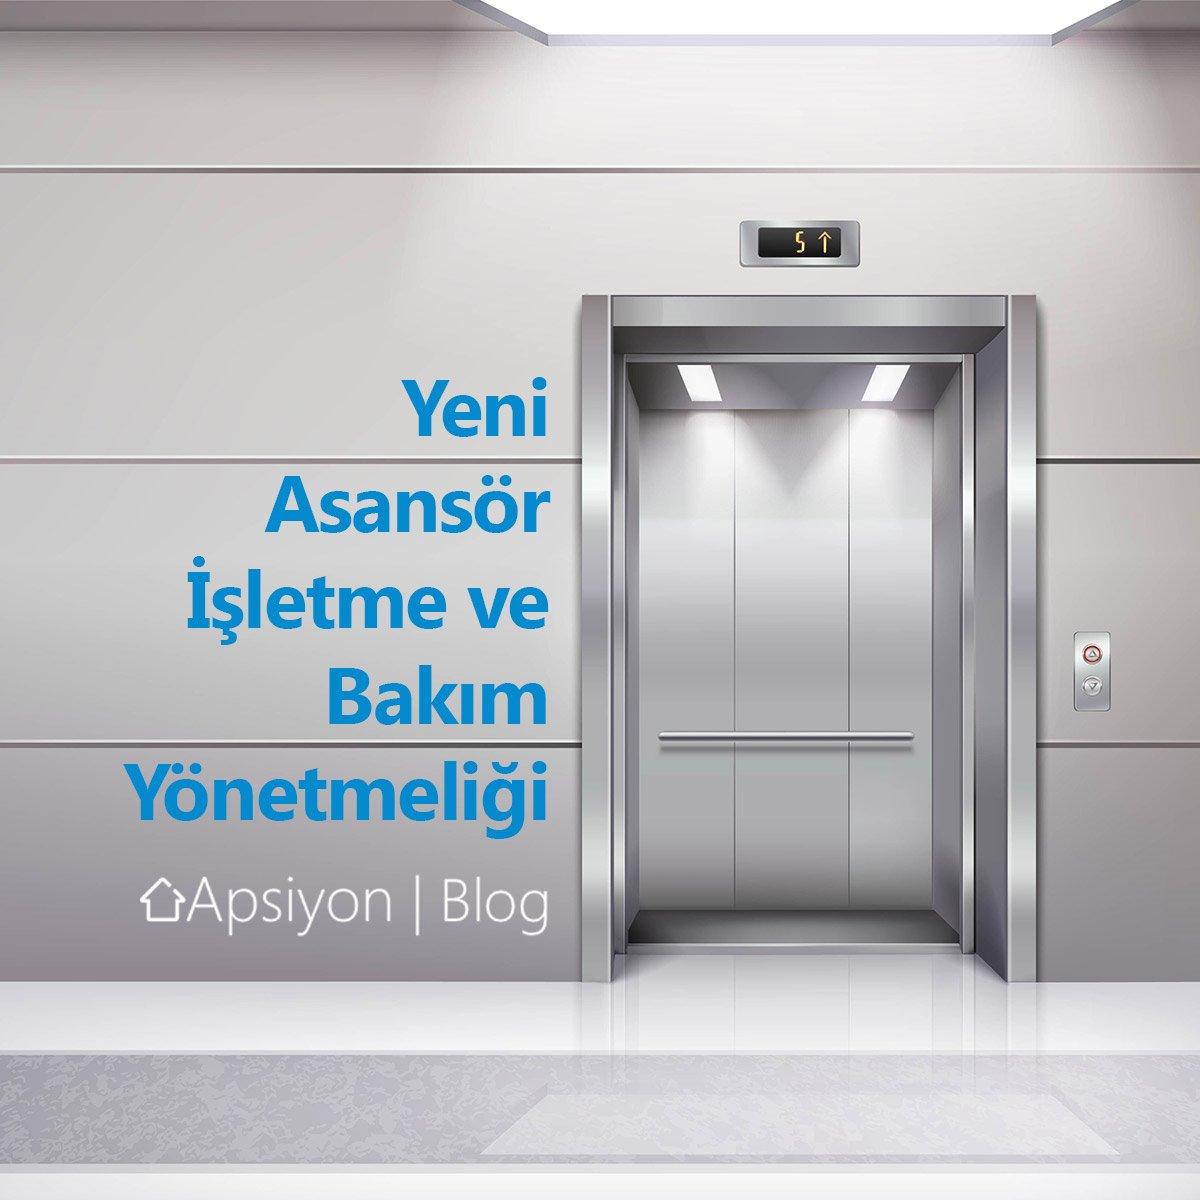 Yeni Asansör İşletme ve Bakım Yönetmeliği - 2019